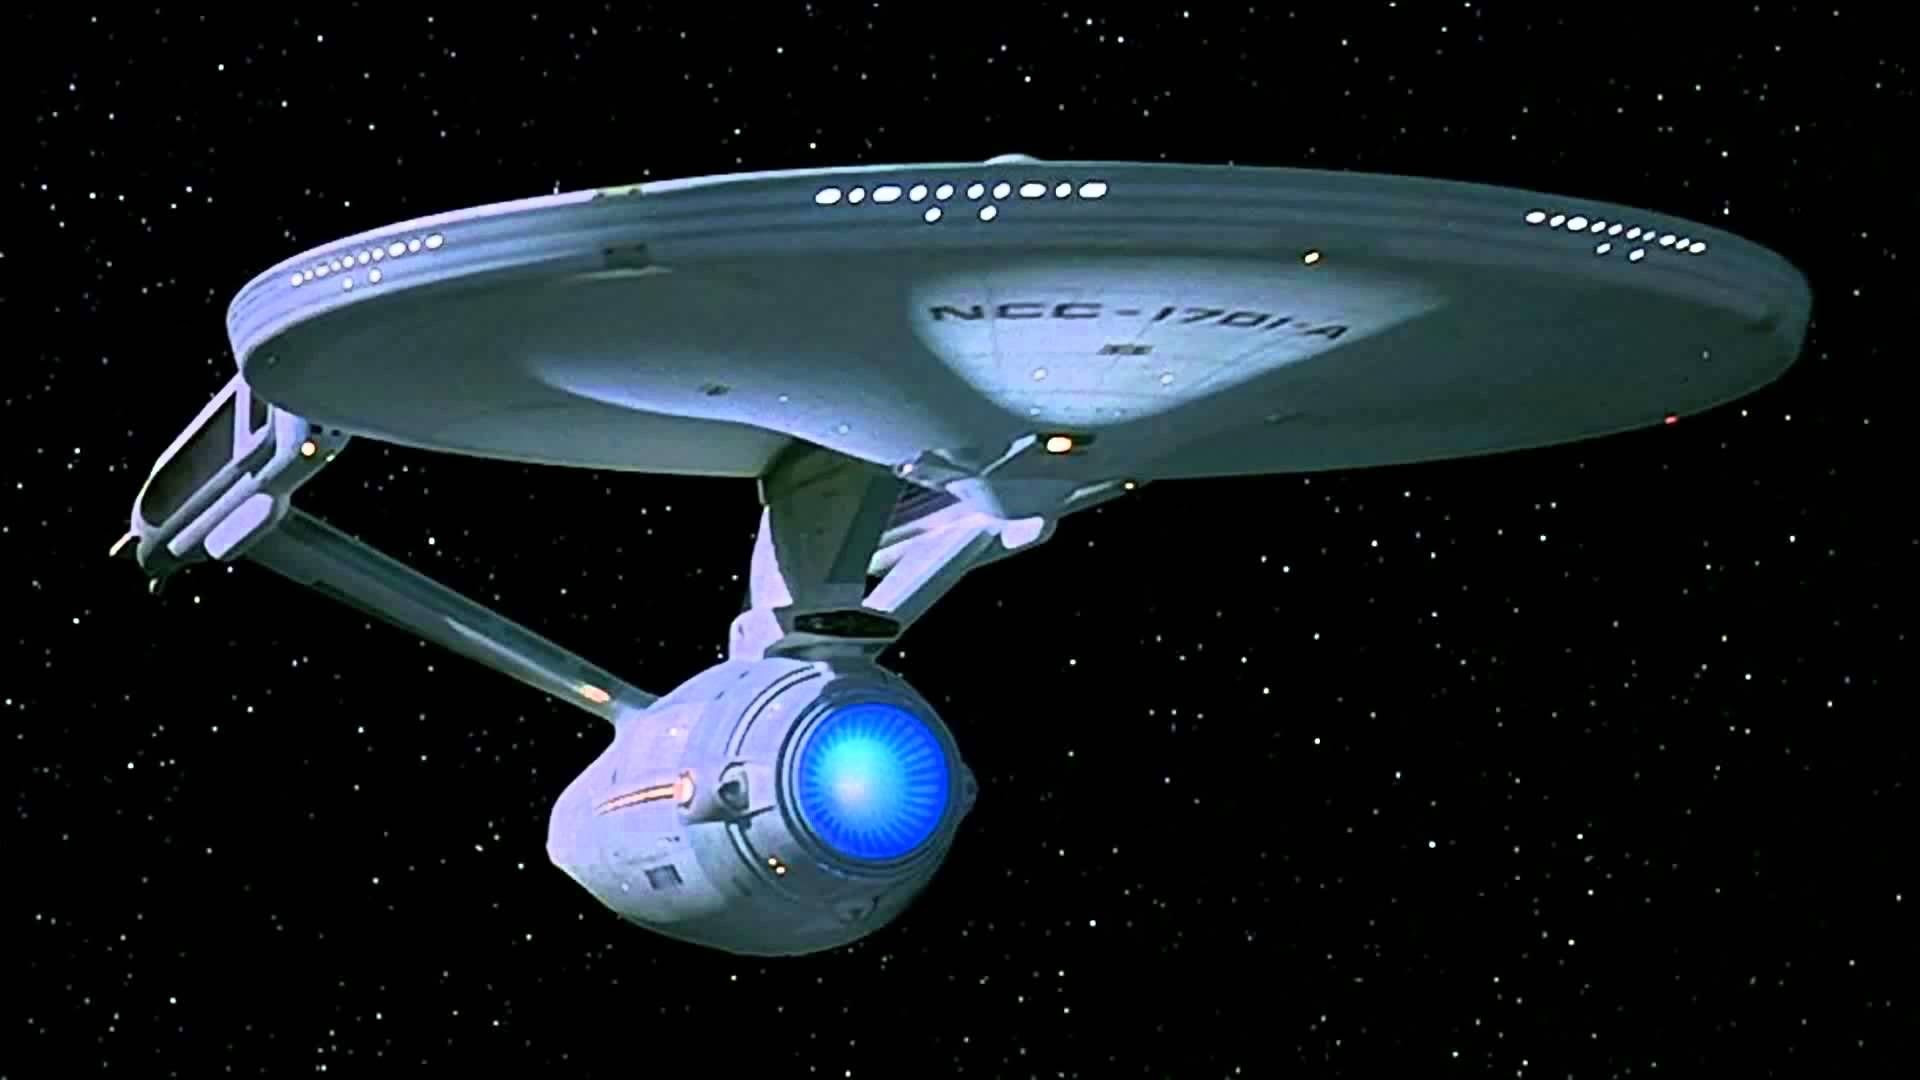 Uss Enterprise Ncc 1701 Wallpaper 69 Images